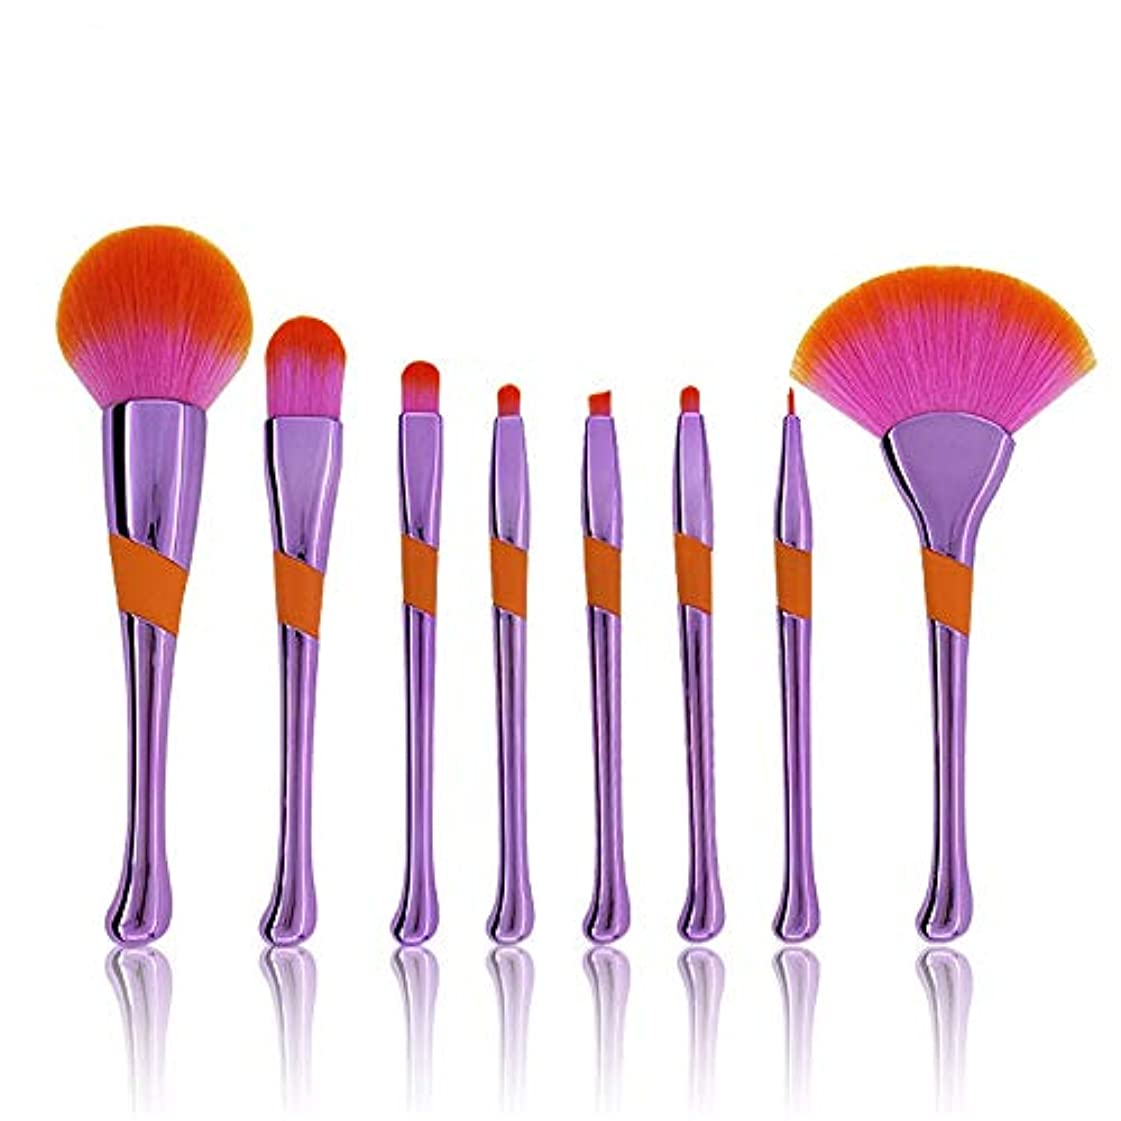 インスタンス所属チロCHANGYUXINTAI-HUAZHUANGSHUA 女の子ハートメイク8点セットブラシブラシブラシブラシブラシブラシブラシブラシブラシブラシブラシブラシブラシブラシブラシブラシセット (Color : Purple)